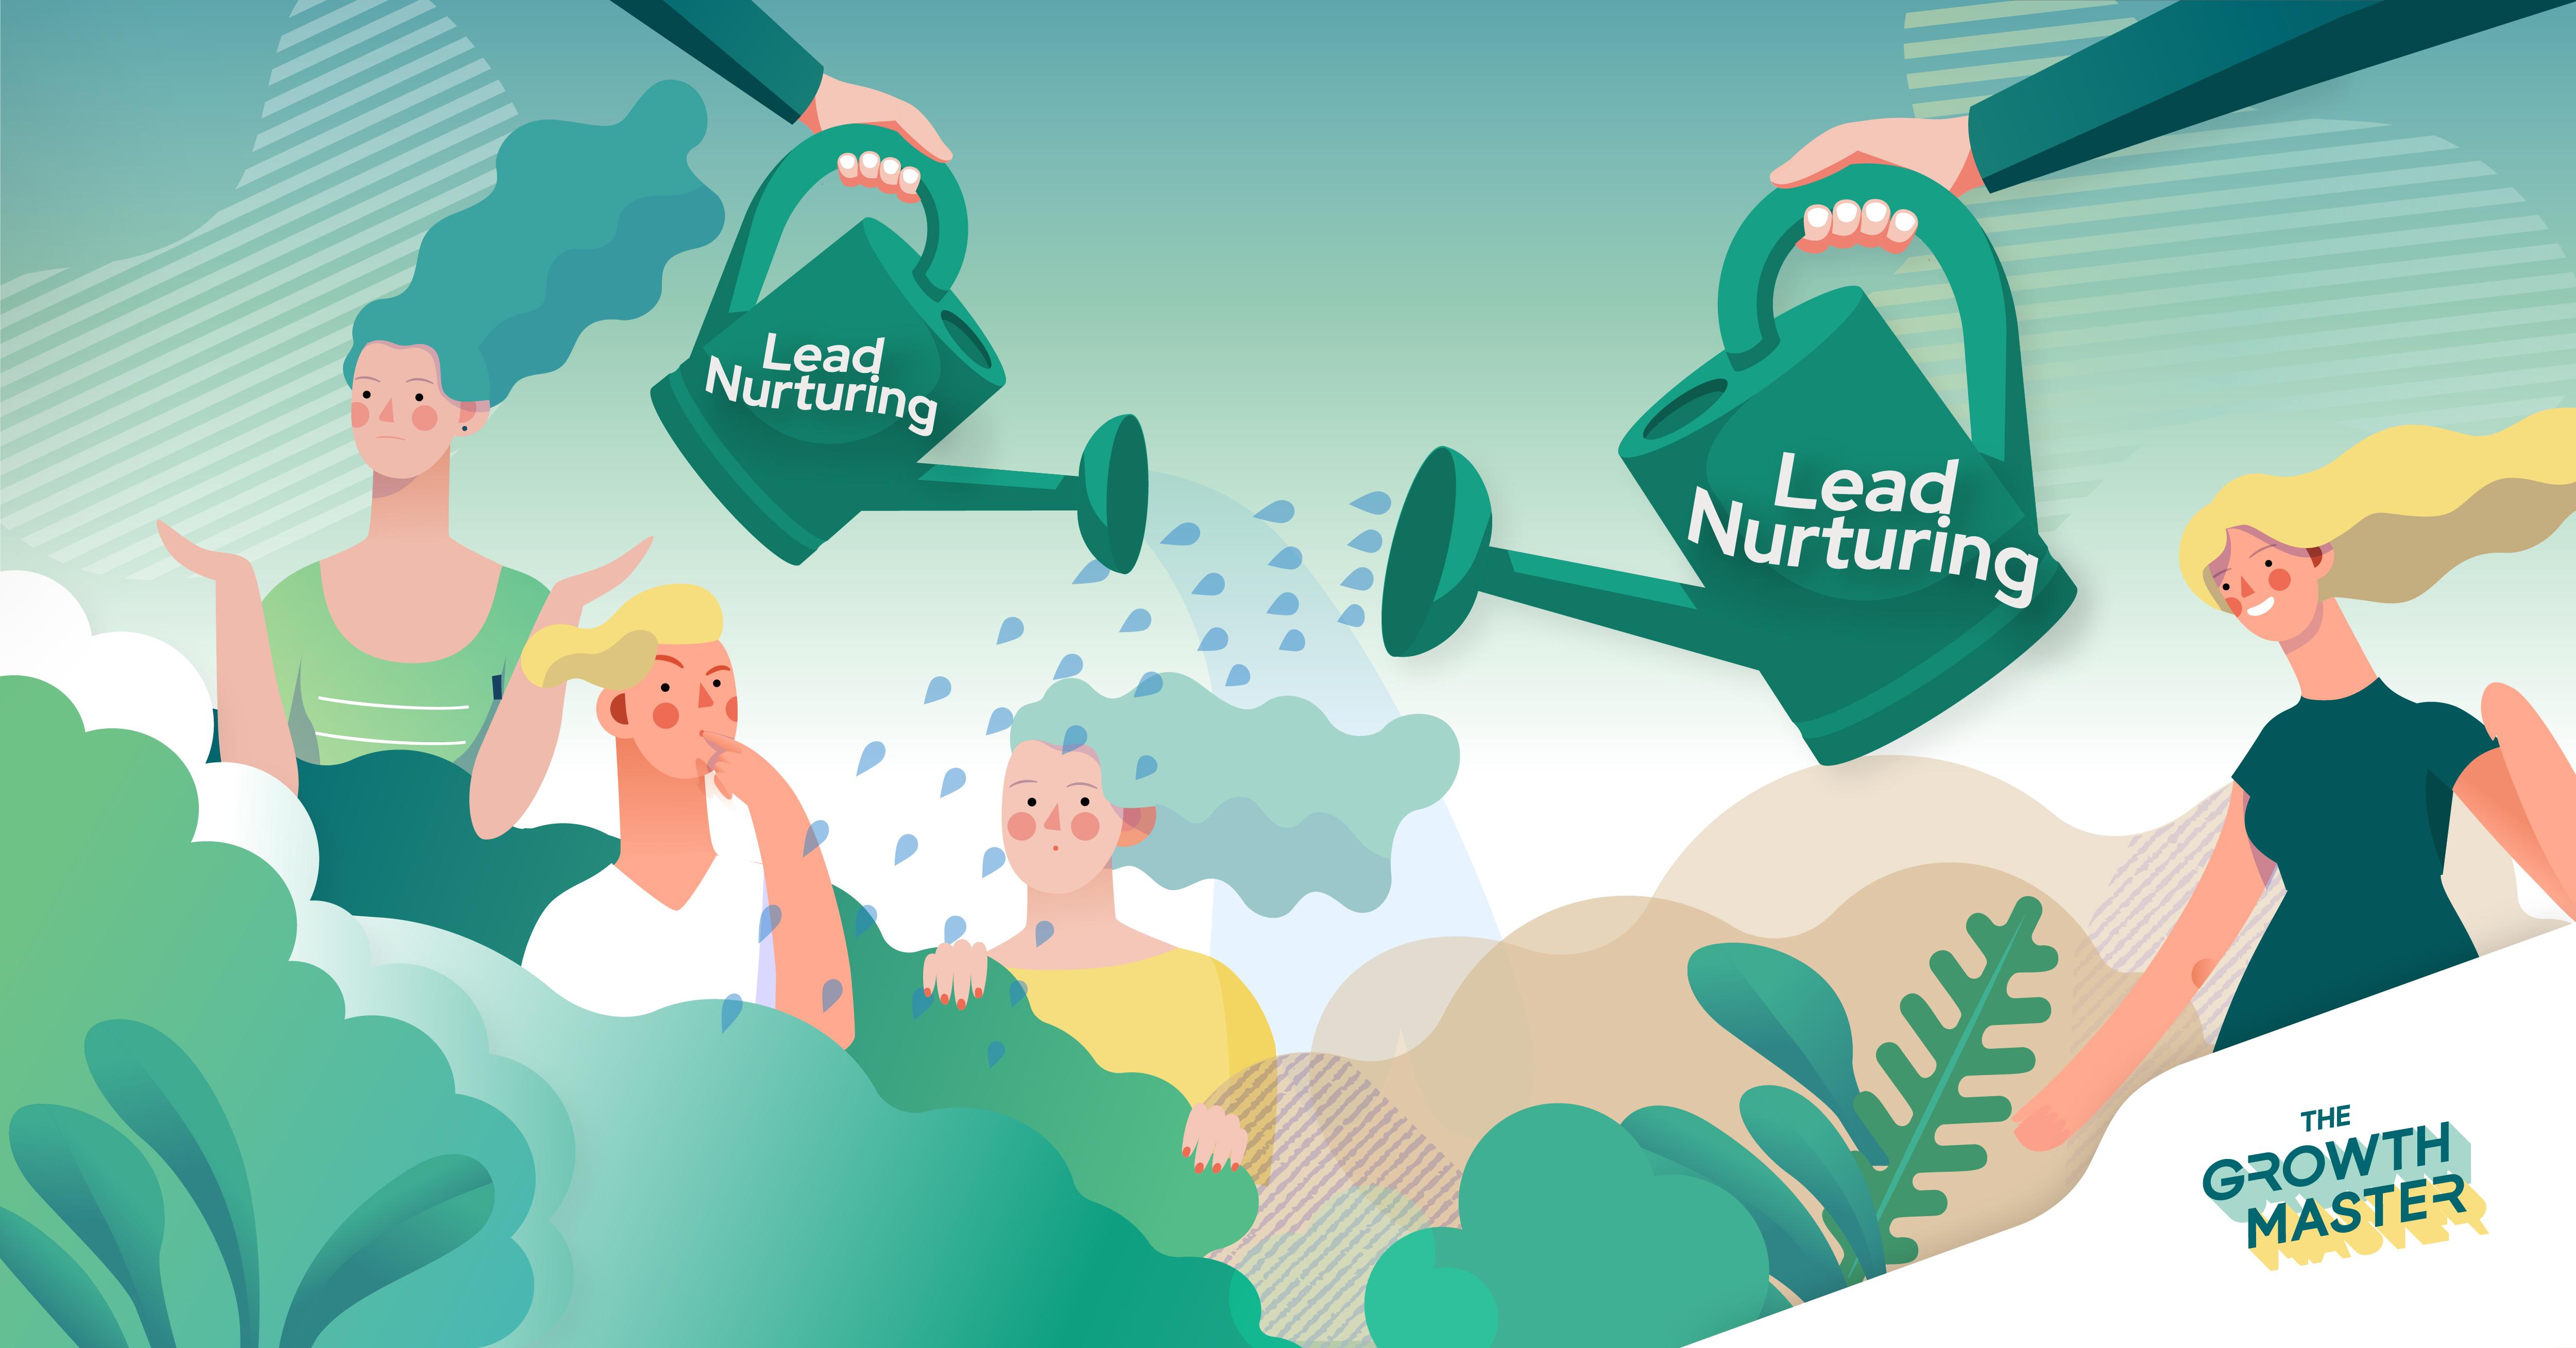 Lead Nurturing Strategy กลยุทธ์การสร้างความสัมพันธ์ที่ดีกับลูกค้าคนสำคัญที่ธุรกิจไม่ควรมองข้าม